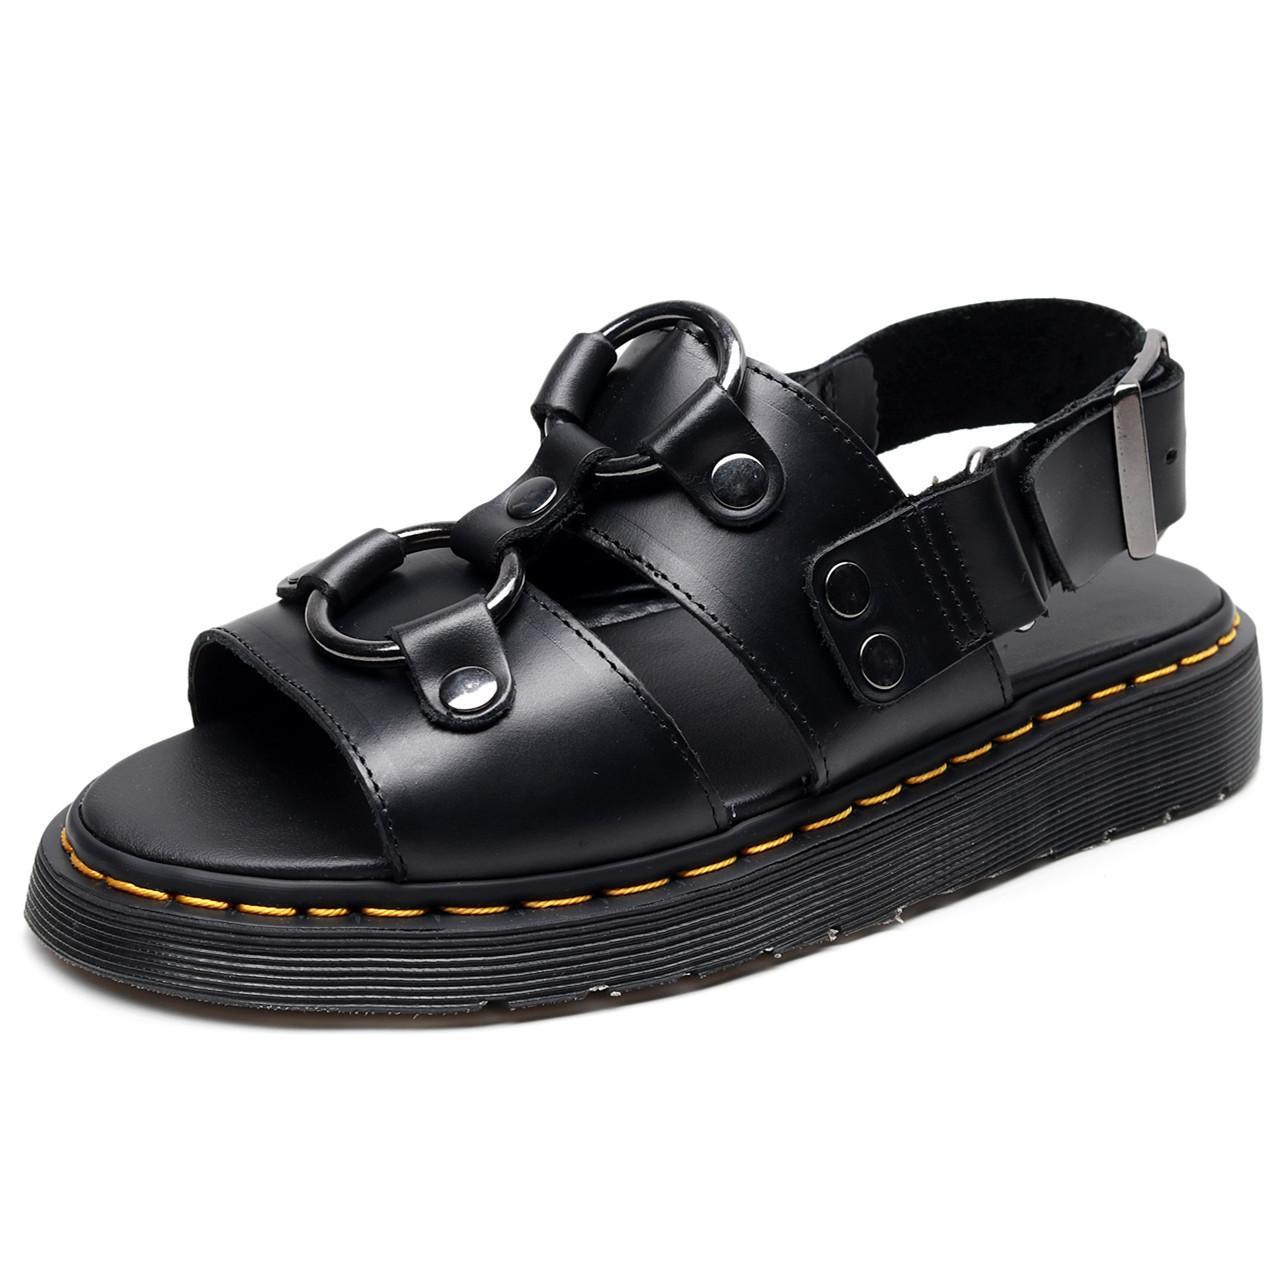 Unisex Cowskin sandali xabiers sandalo di design unico doppio anello metallico sandalo sandali caviglia muscolo della mucca scarpe unica spiaggia